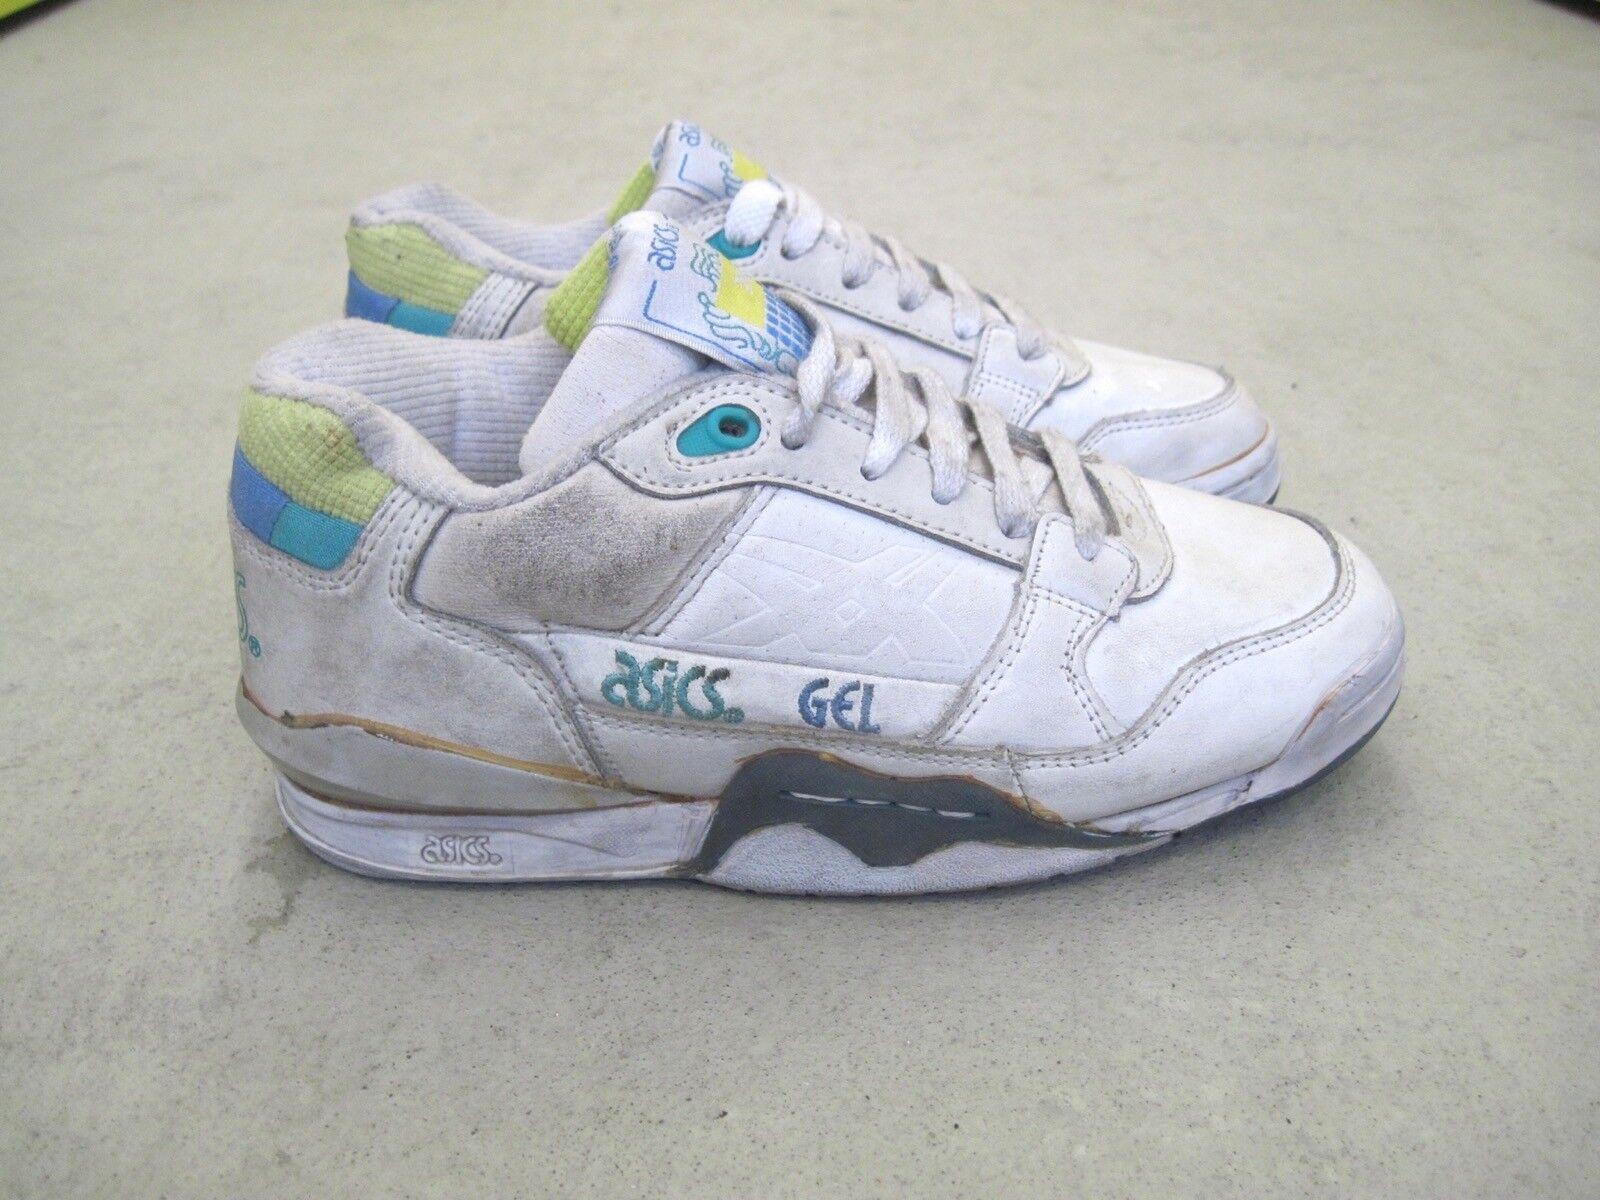 NOS 90er ASICS GEL Sneakers Sneakers GEL Turnschuhe US 5 True Vintage 2 3 PattaLyte Gt Saga ea9966